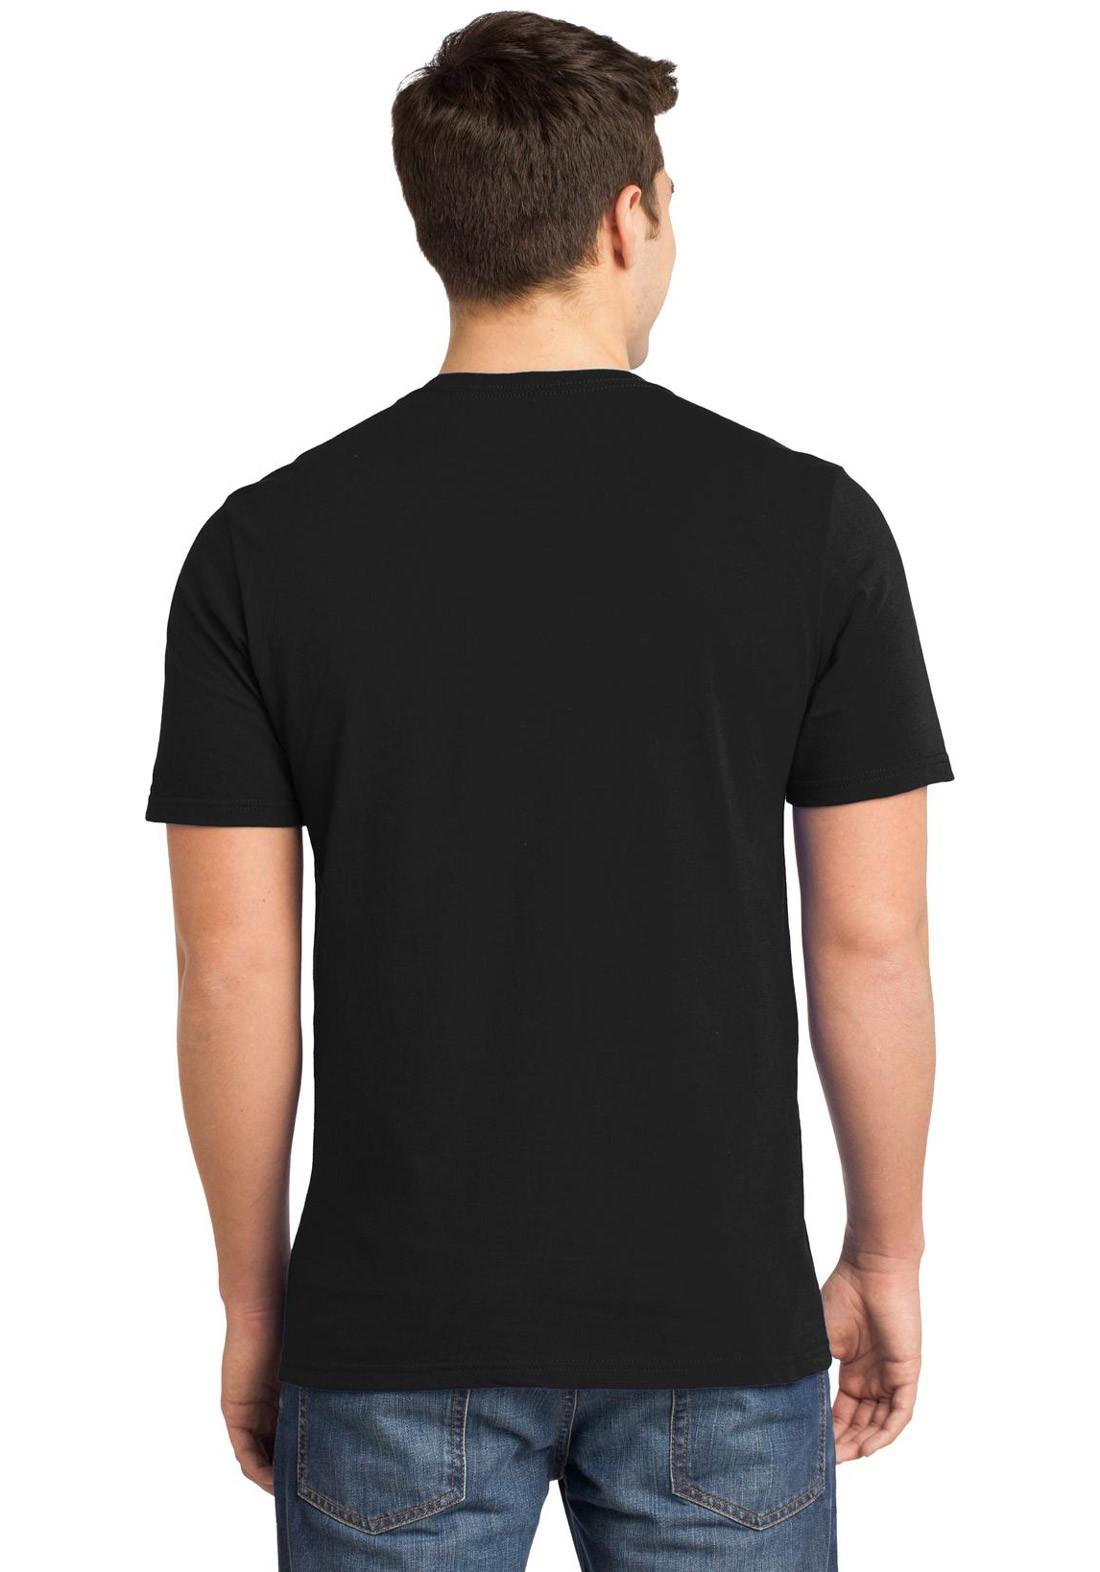 Camiseta Masculina Brasão Alemanha Deutschland ER_133